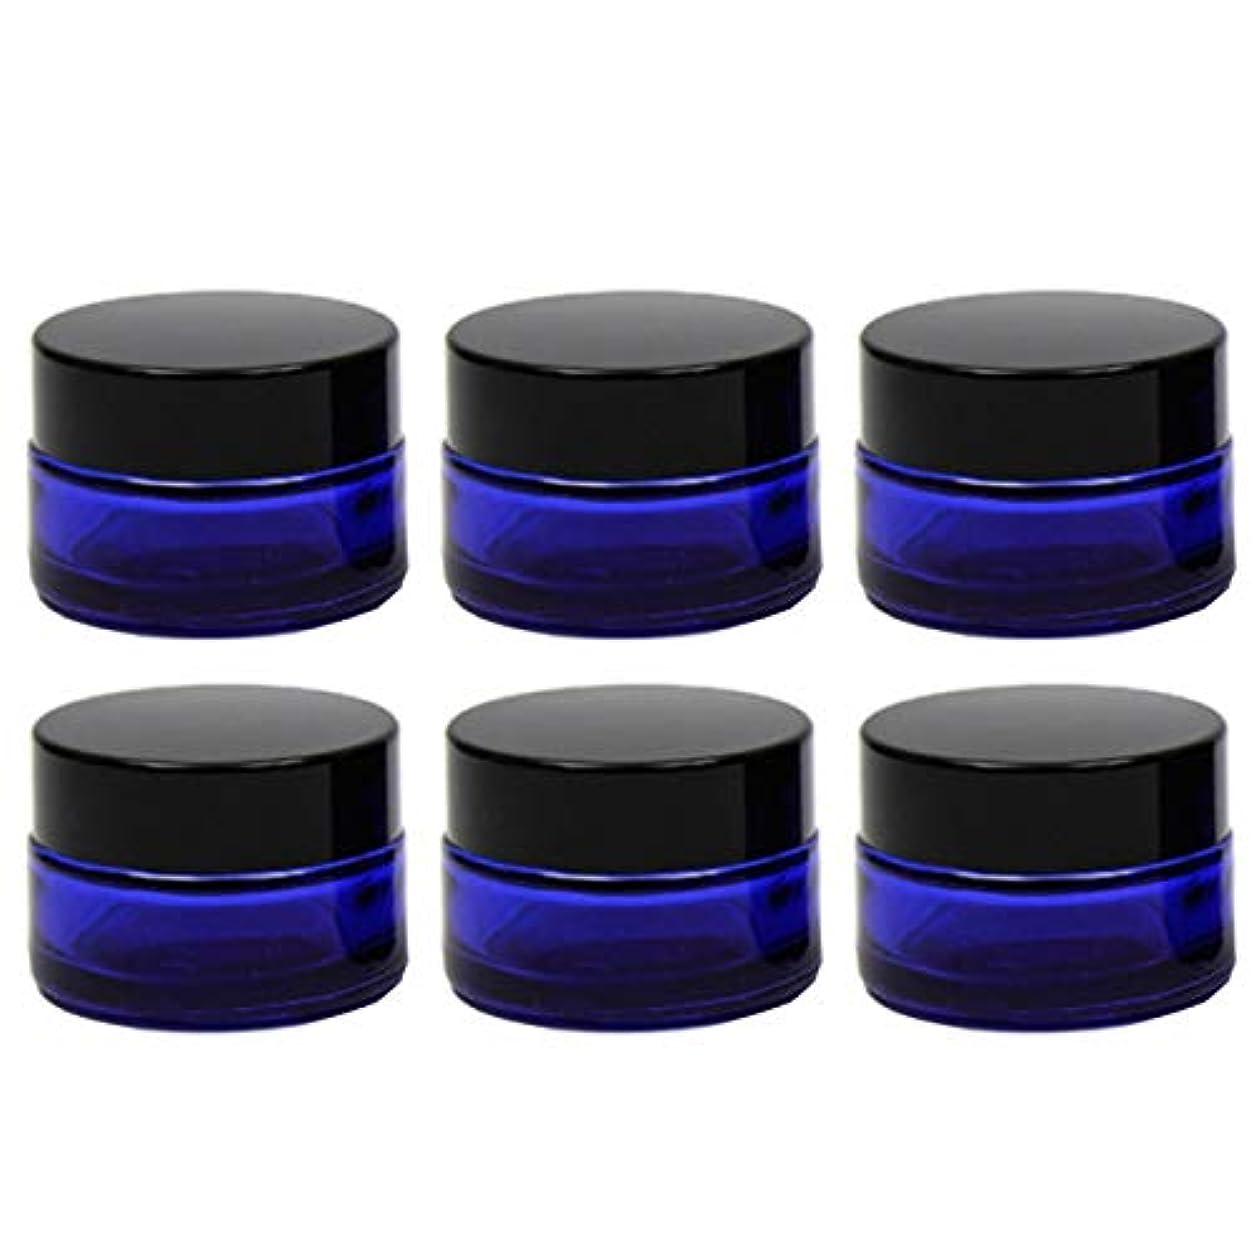 シャッフル演じるセッションクリーム容器 遮光ジャー 6個セット アロマクリーム ハンドクリーム 遮光瓶 ガラス 瓶 アロマ ボトル ビン 保存 詰替え 青色 ブルー (20g?6個)